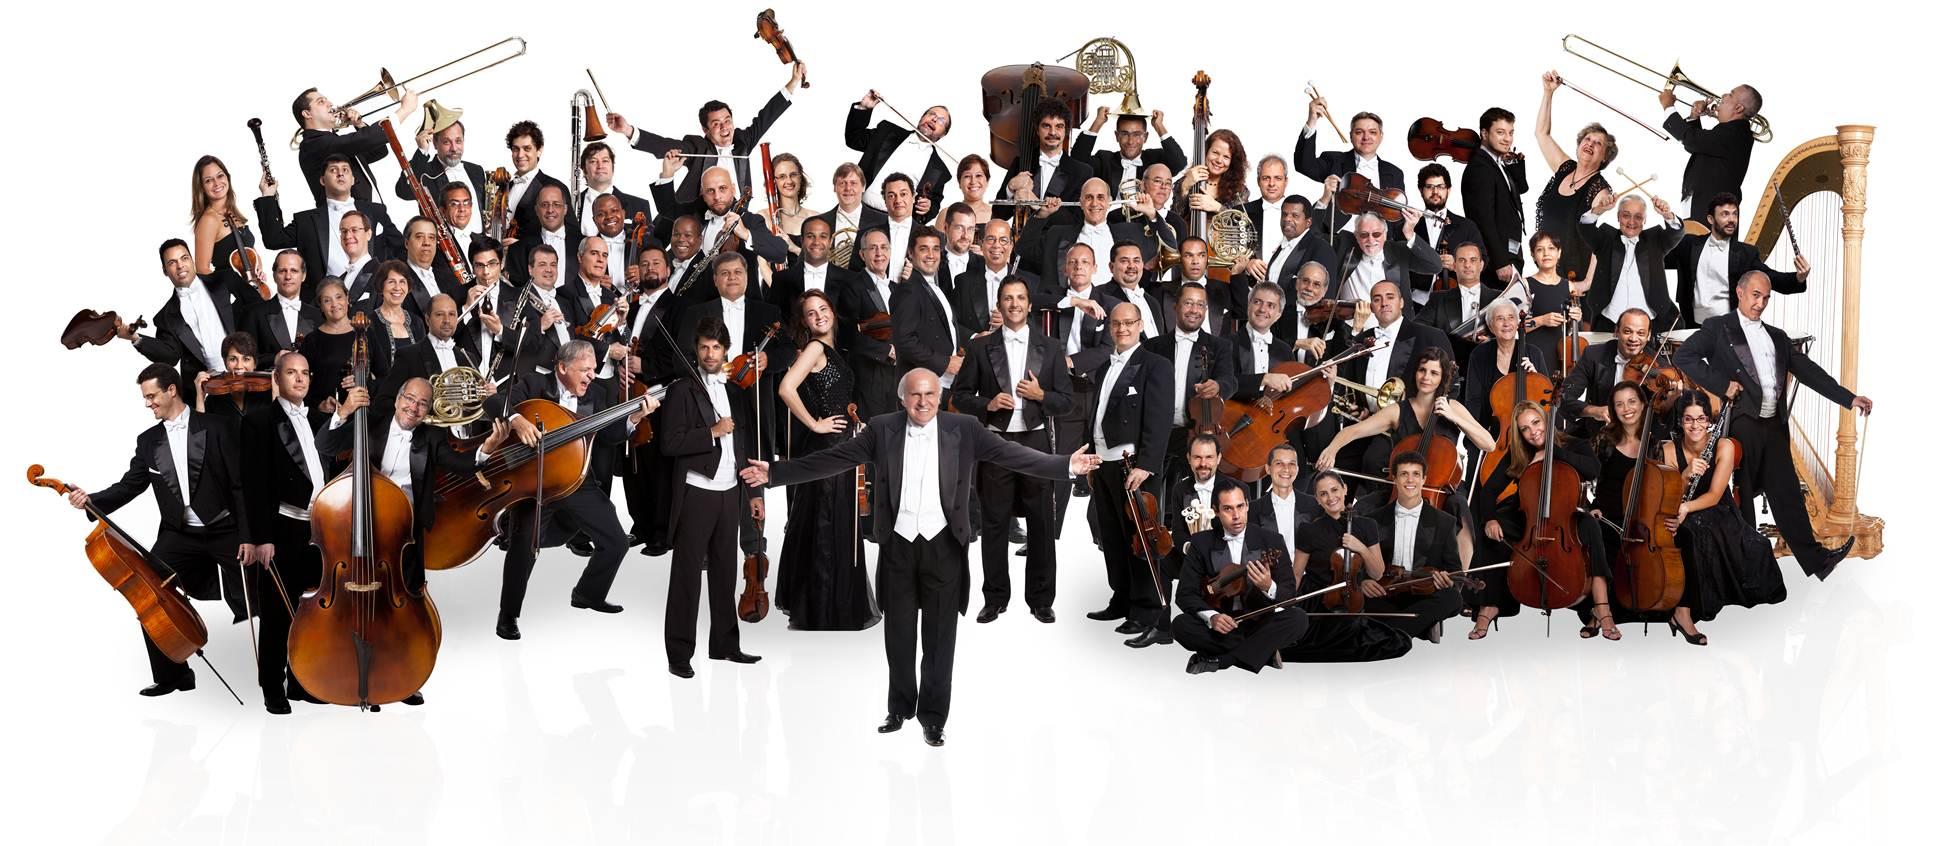 Shoppings do Rio serão palco de música clássica